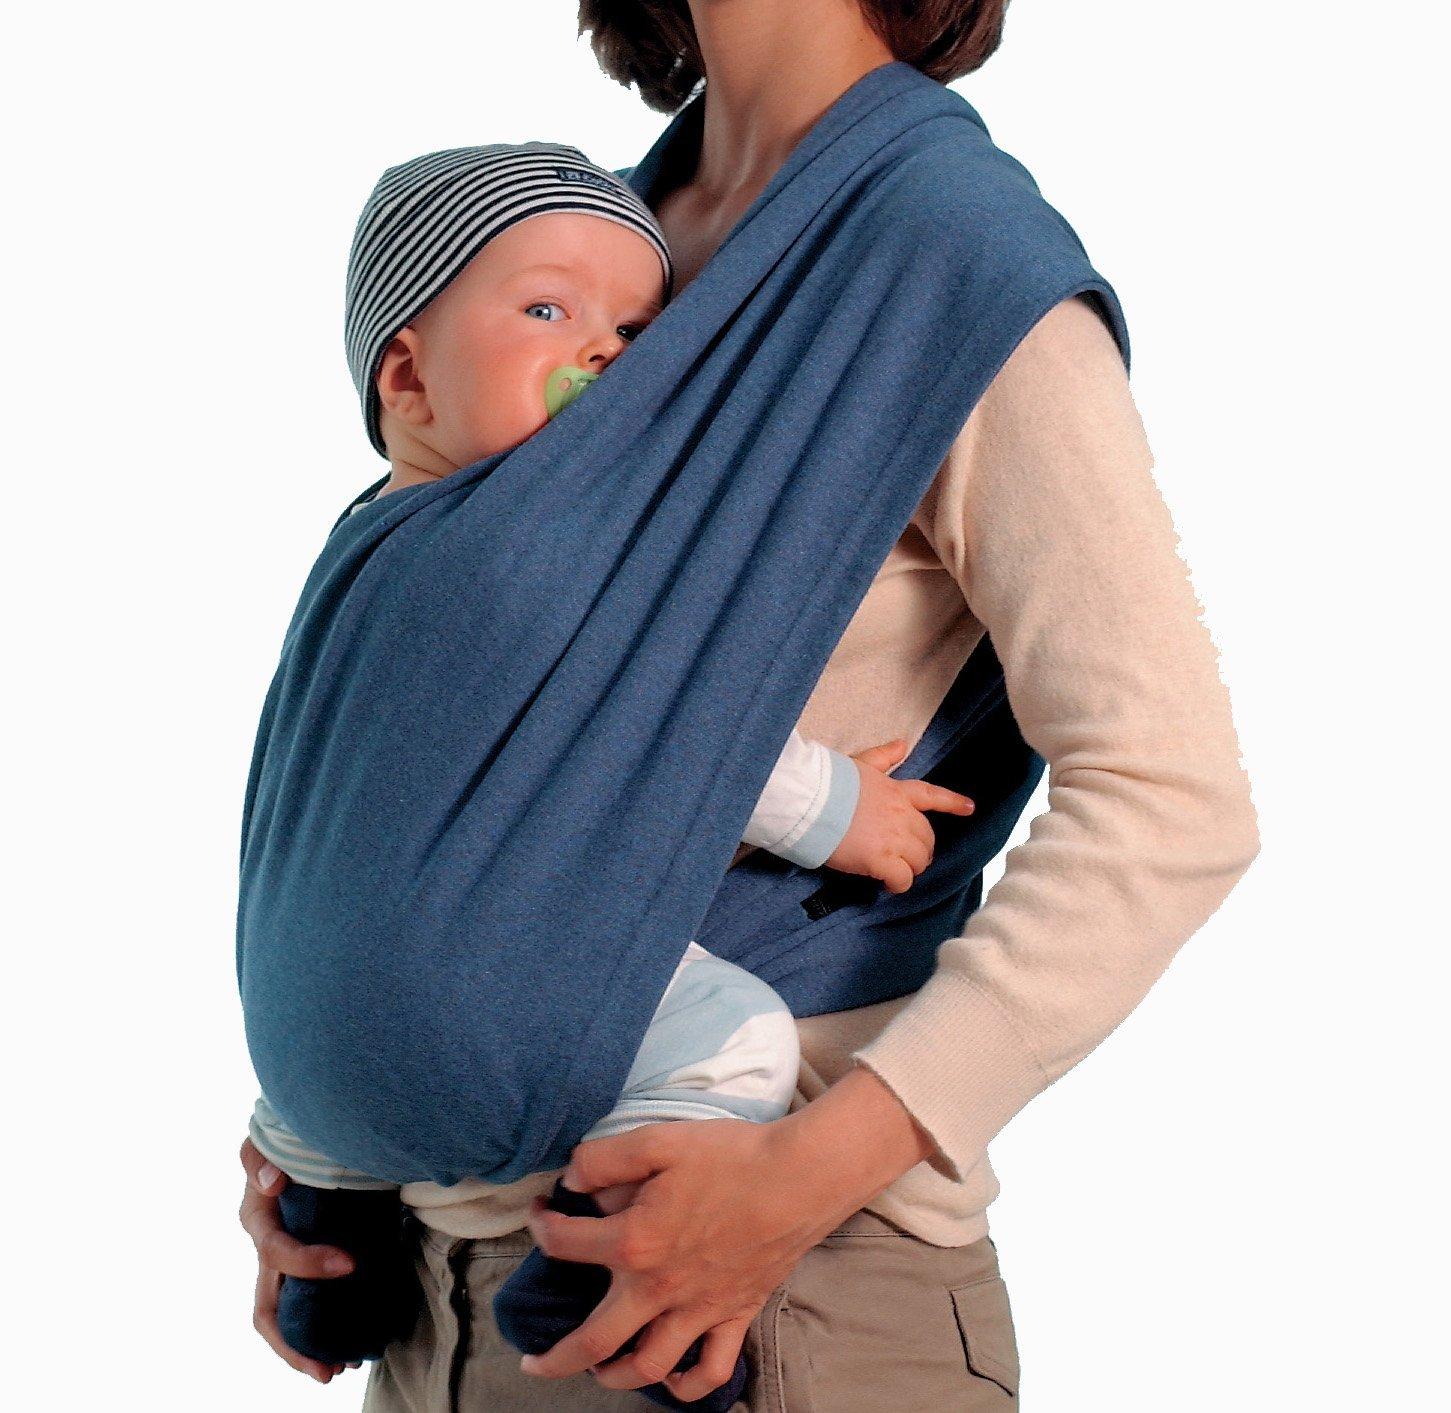 Echarpe de portage sans noeud carry baby amazonas